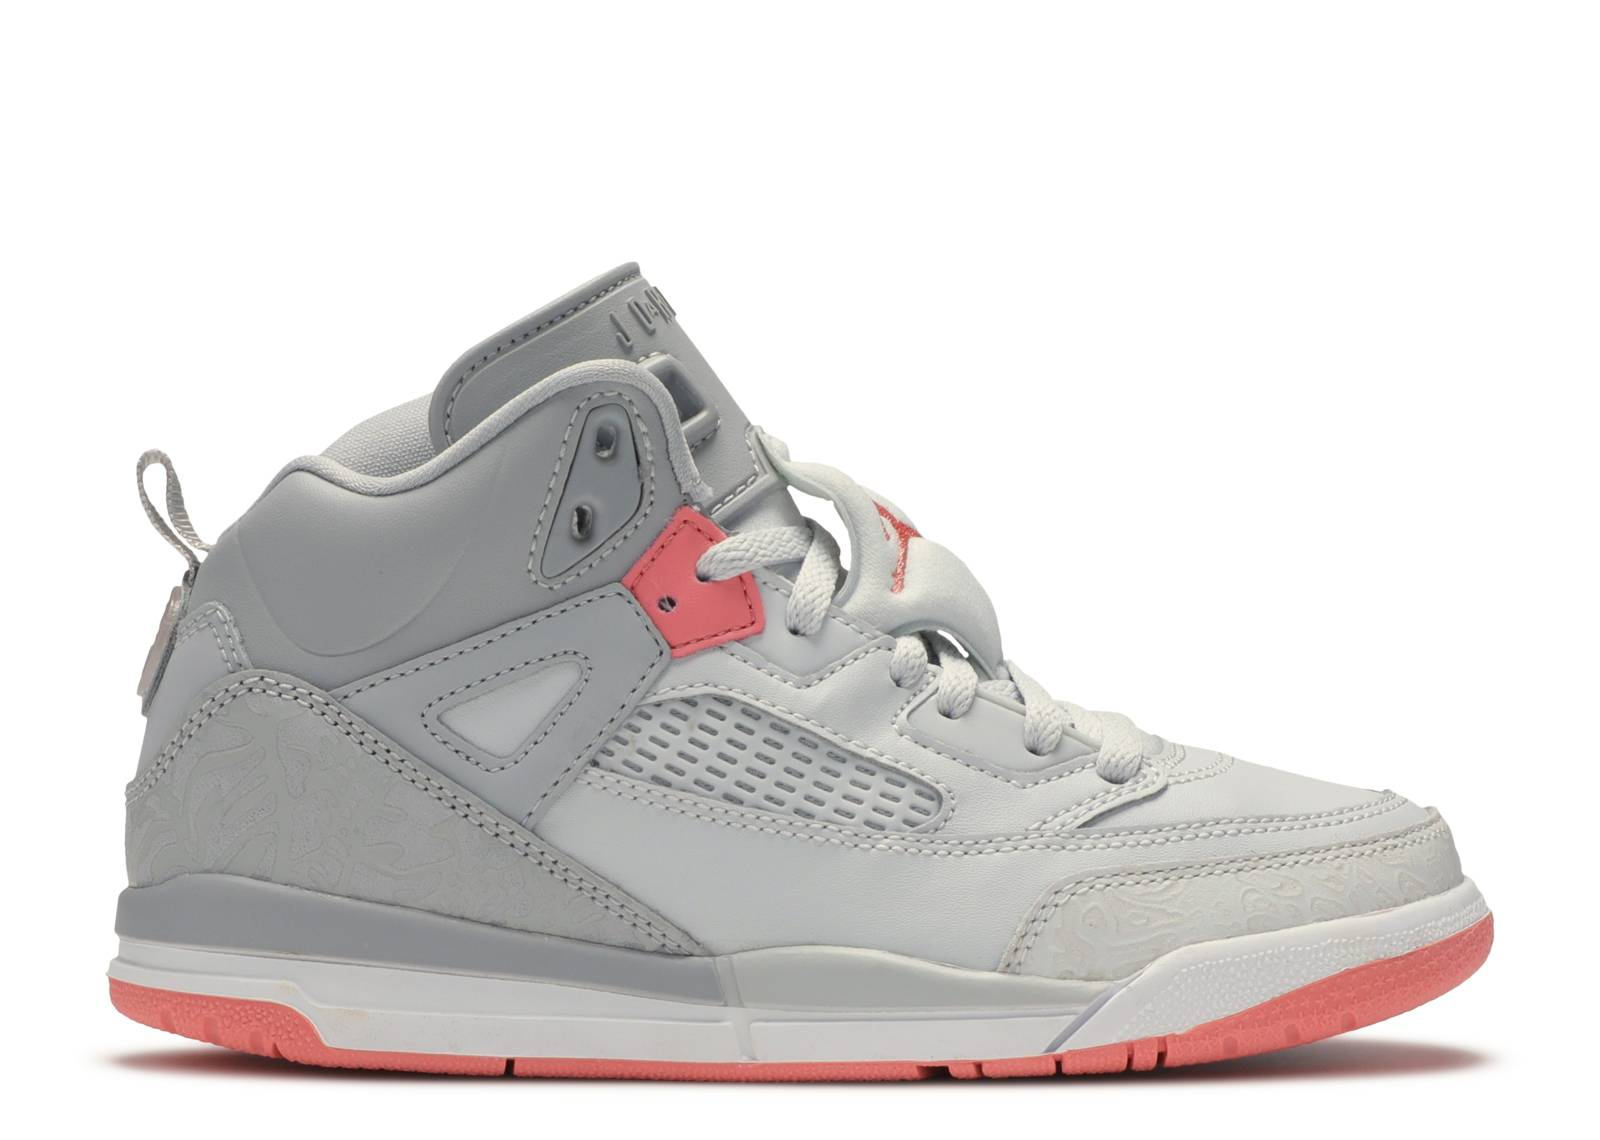 Nike air Jordan spizike cool grey 44.5 10.5